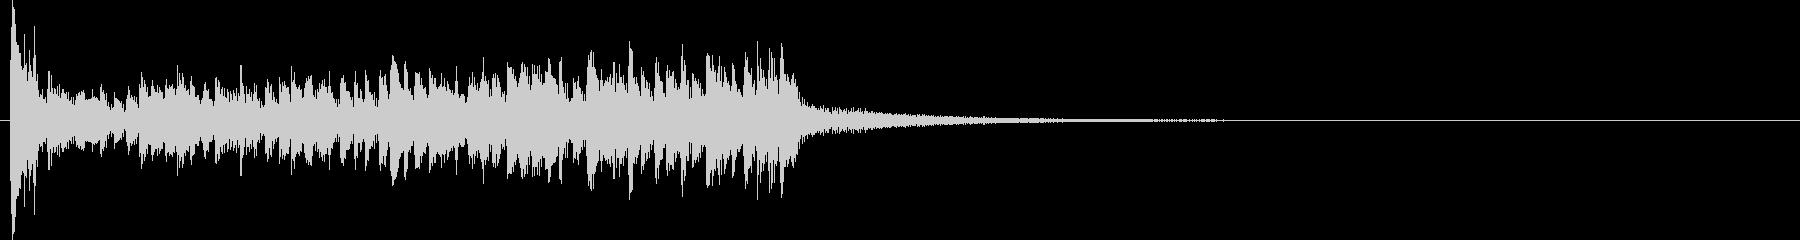 ティンパニ:ロングCロール、ティン...の未再生の波形